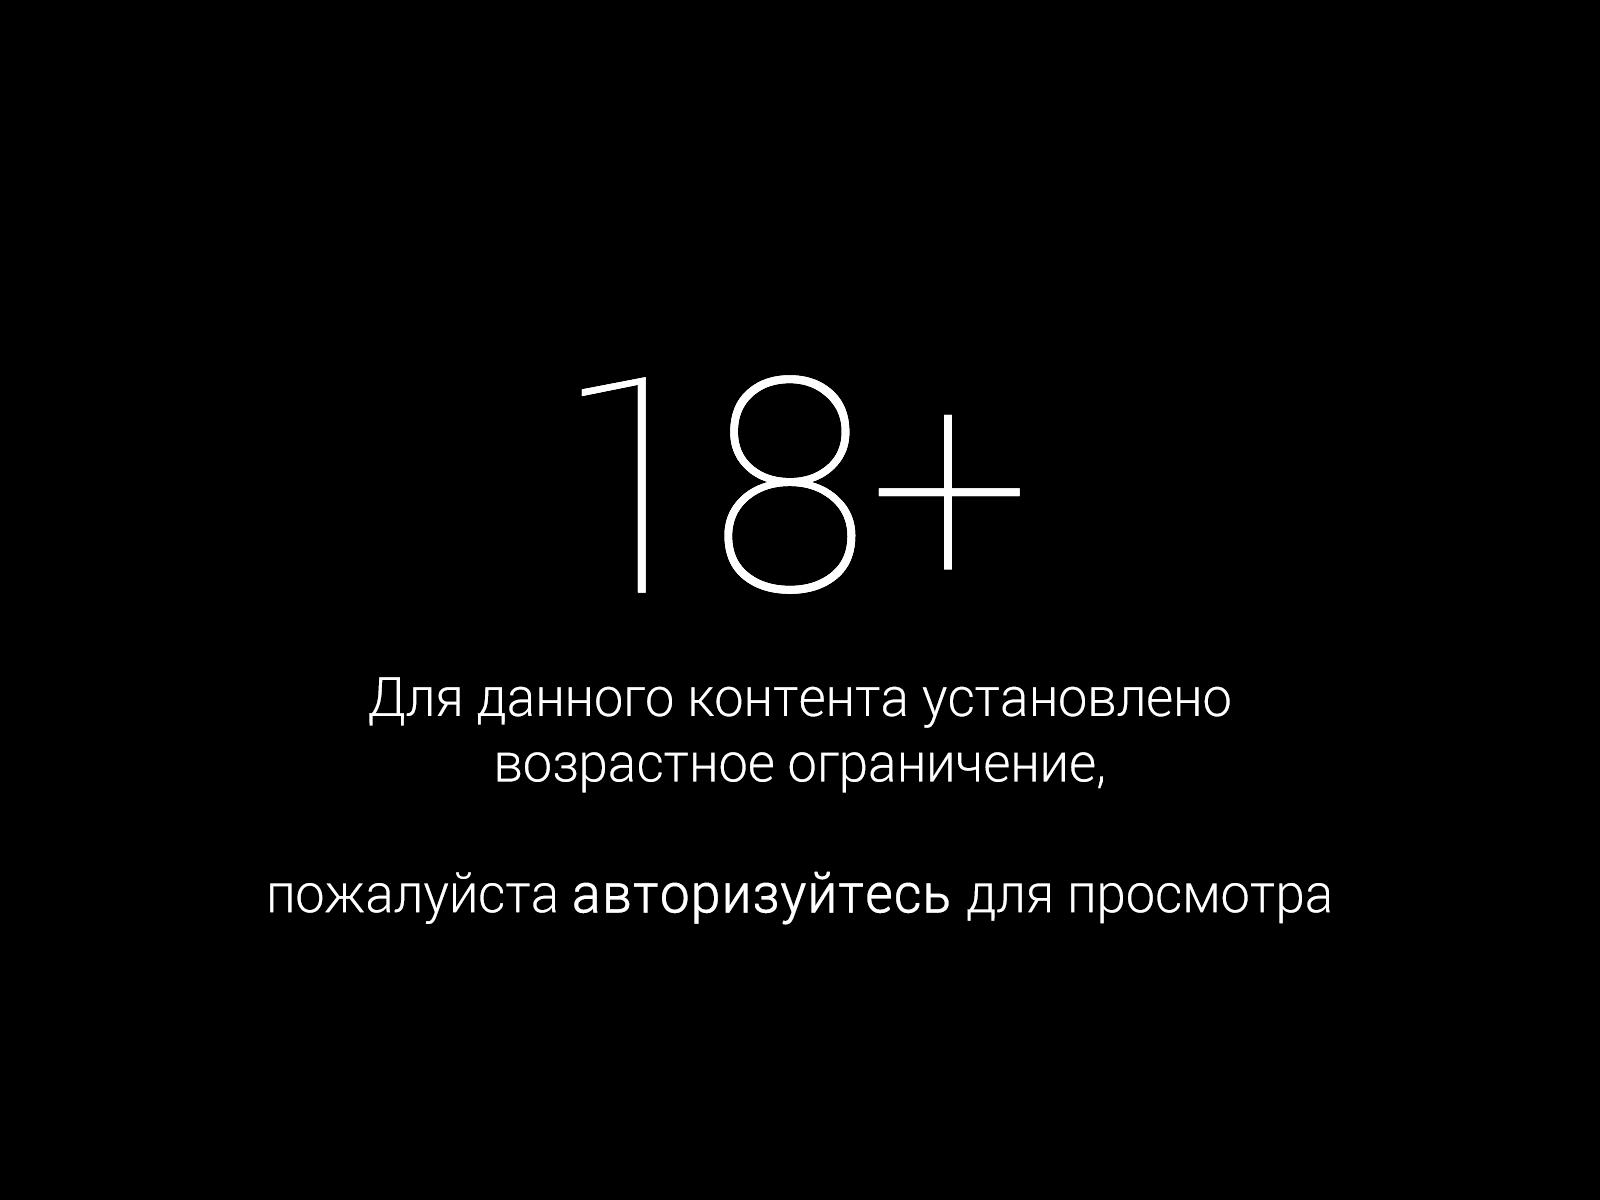 Аватар Девушка держит руку на ножке. Фотограф Aleksey Yepanchintcev